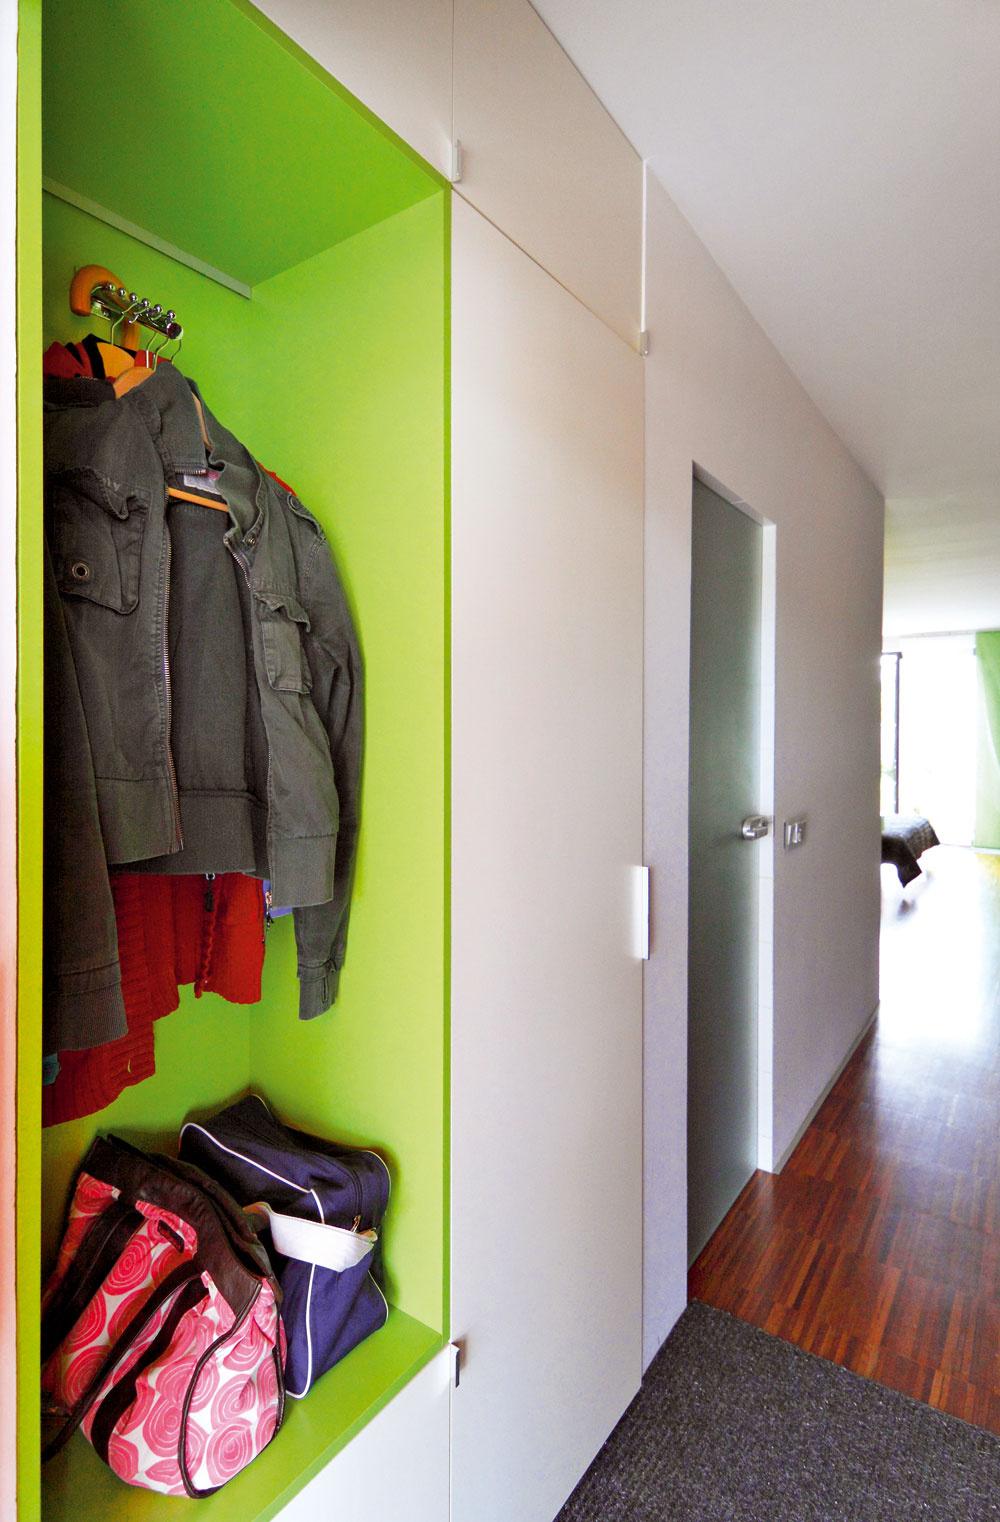 Súložnými systémami sa počítalo aj vpredsieni. Zelený výklenok ako súčasť integrovanej nábytkovej zostavy je ďalší zradu chytrých azároveň jednoduchých riešení.